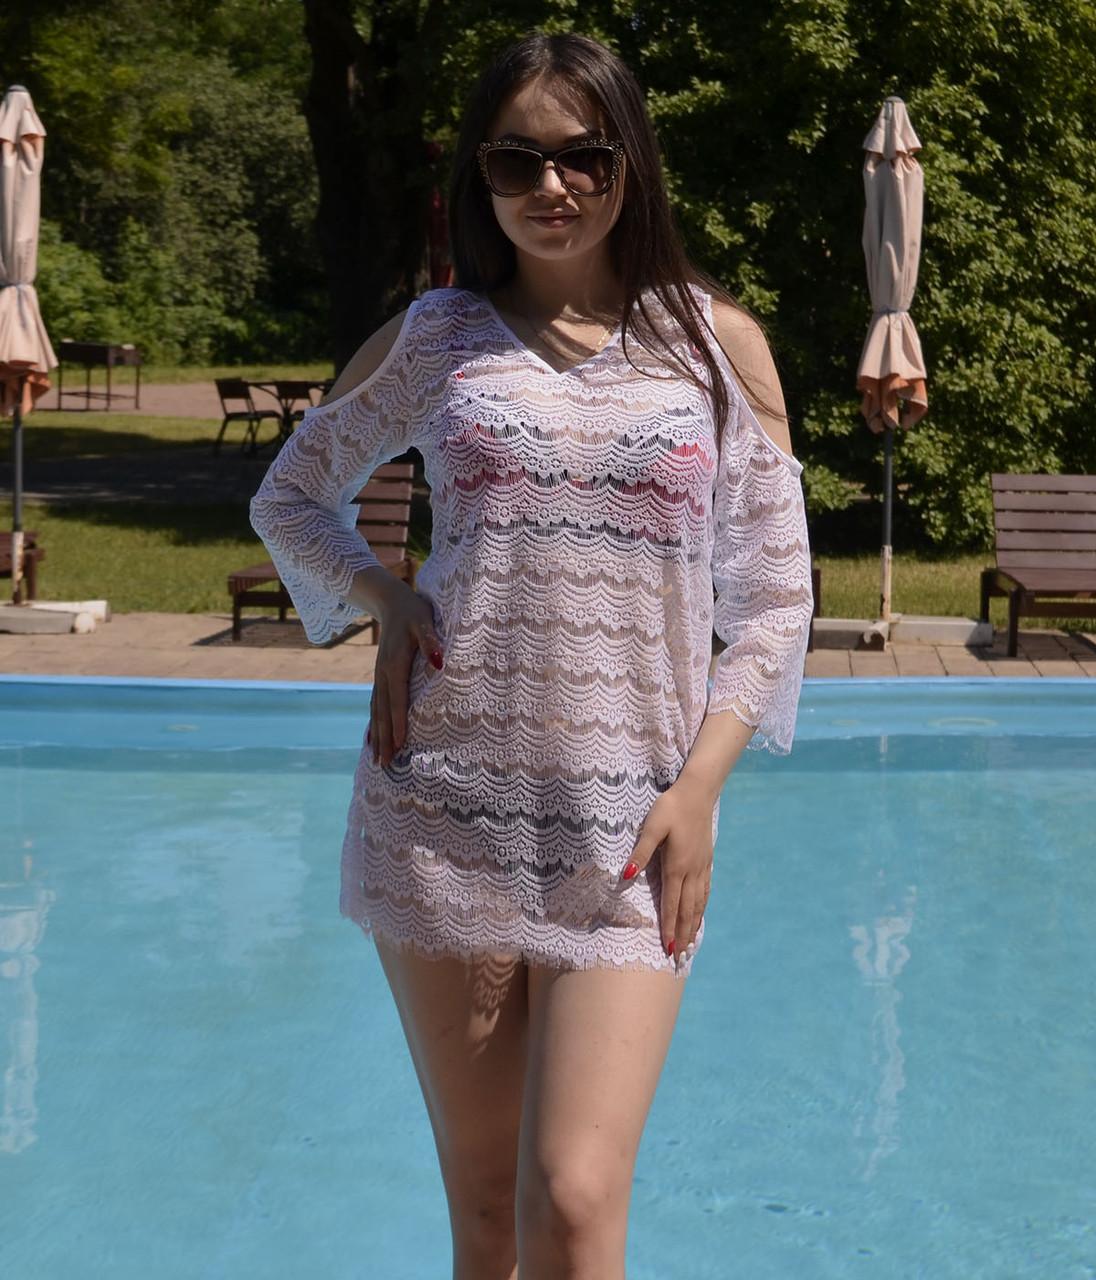 Пляжное платье реснички с открытыми плечами